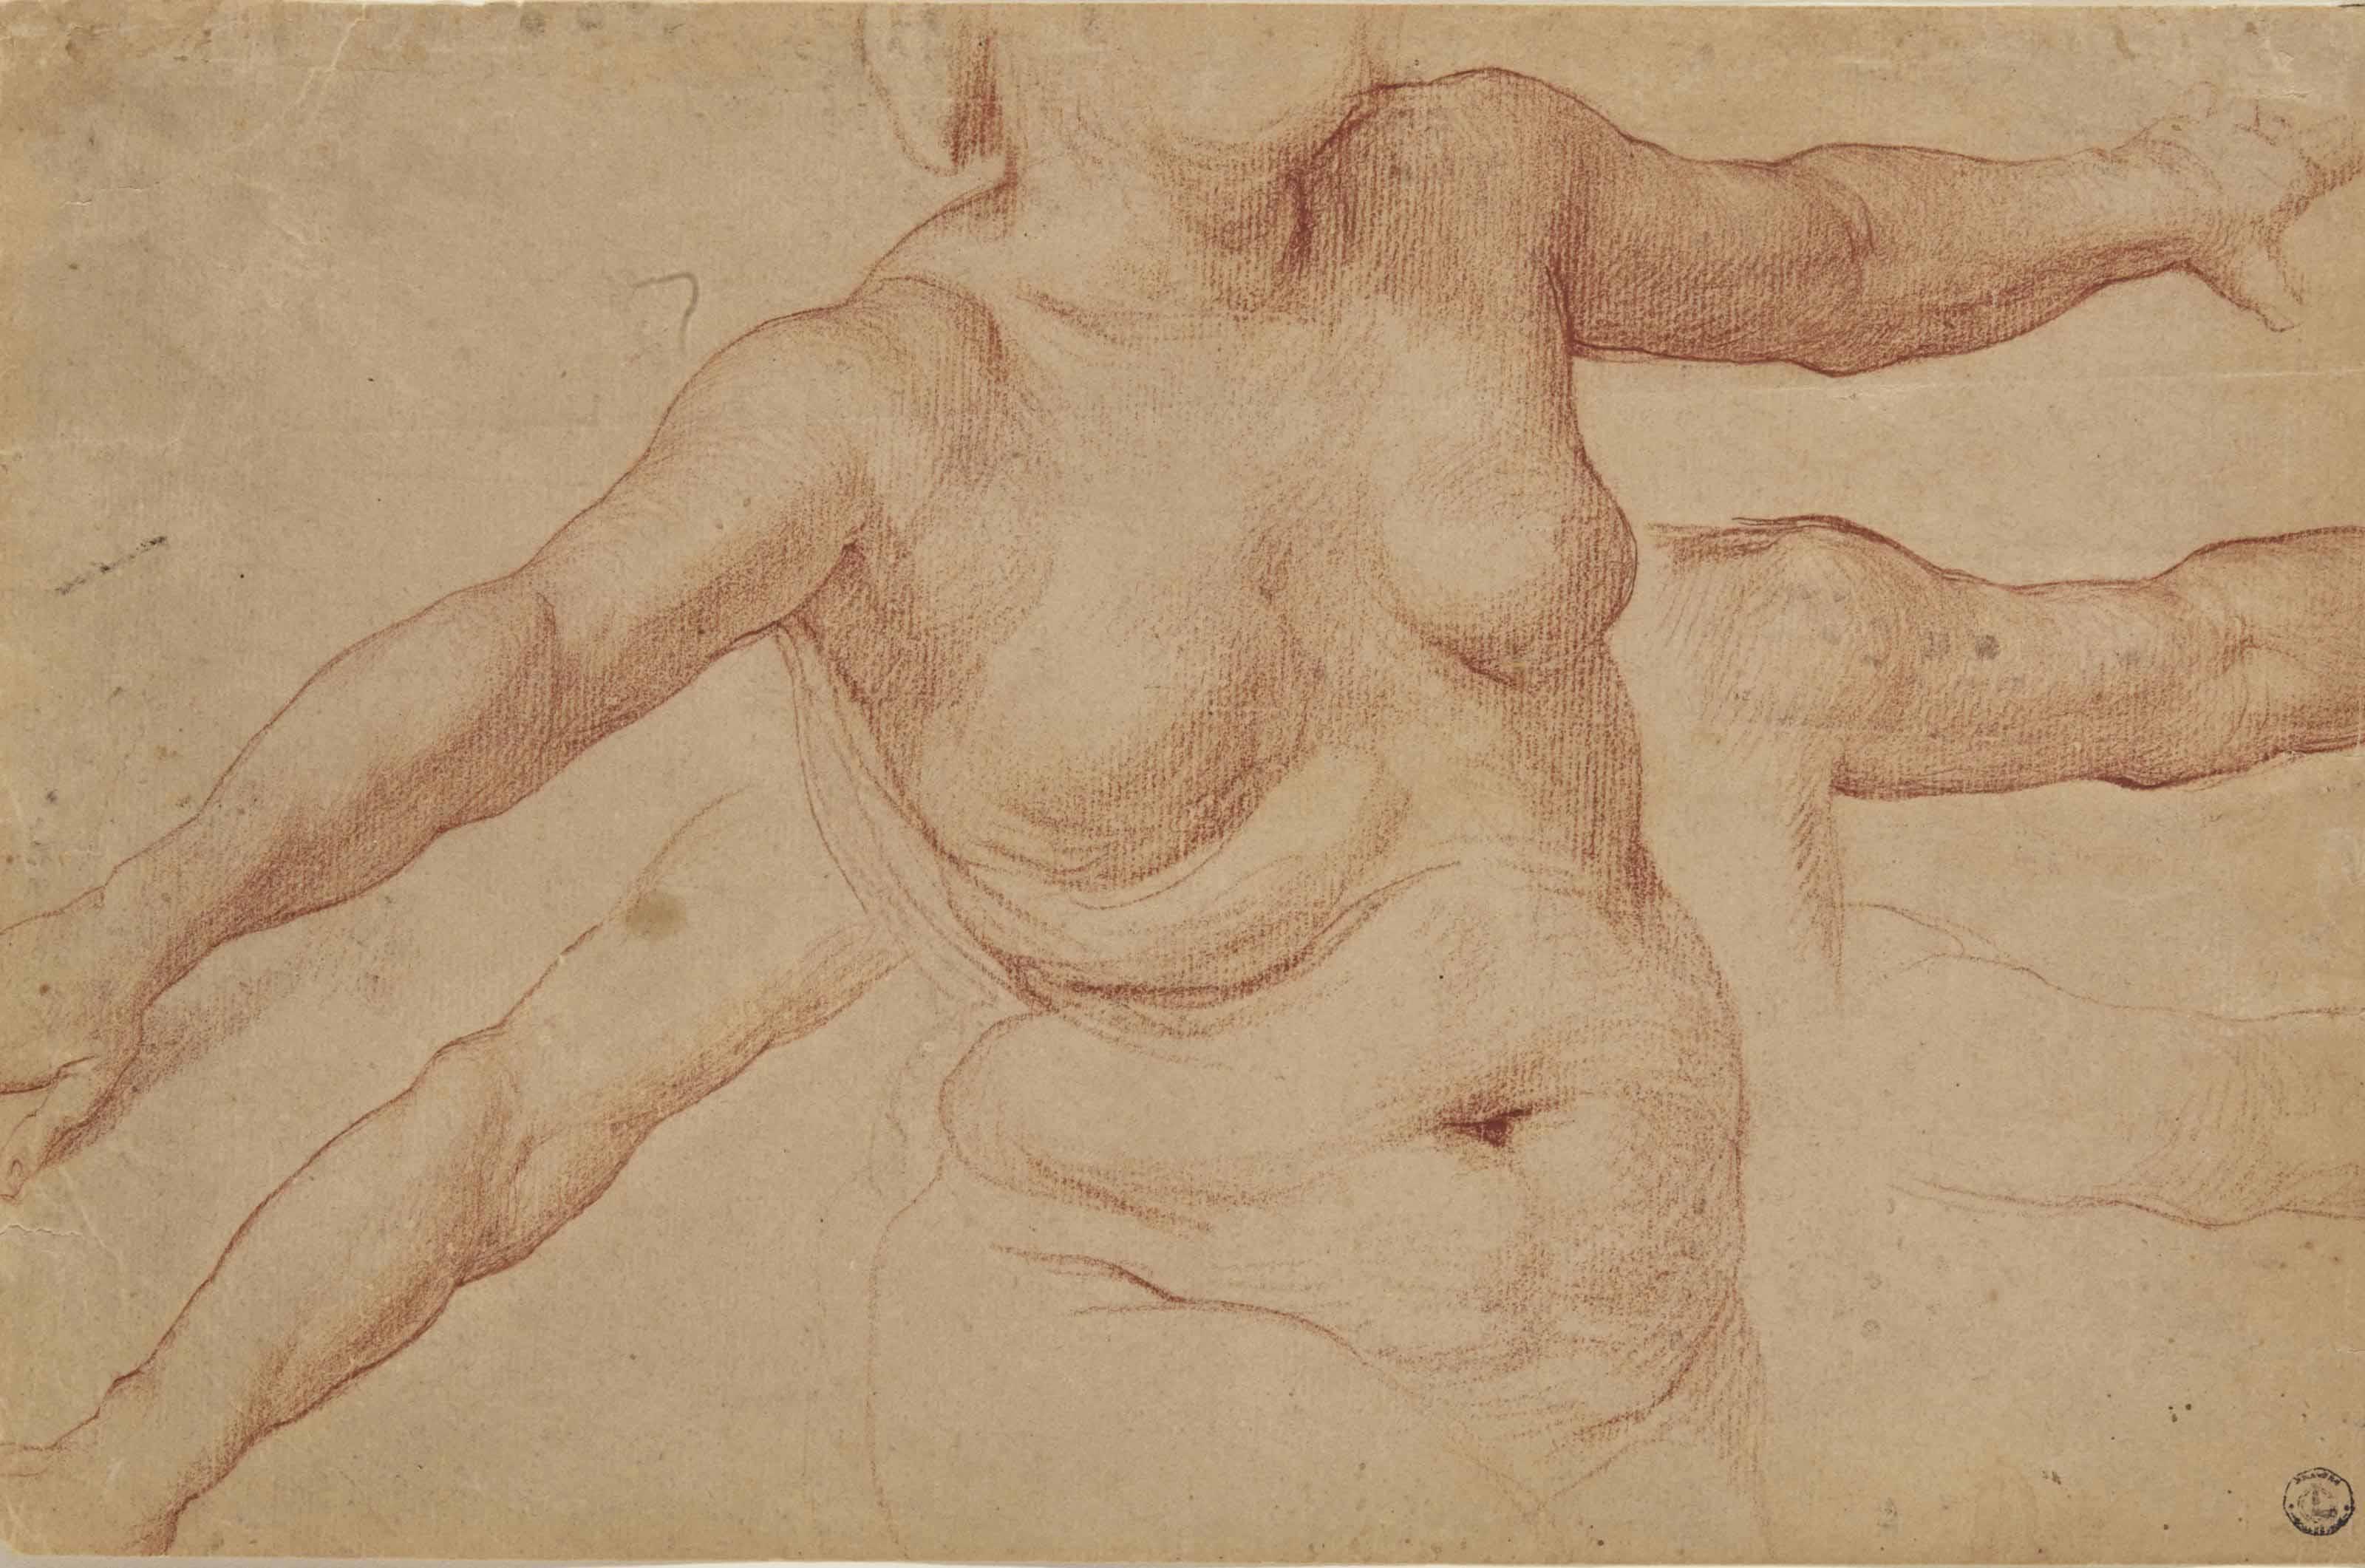 Buste de femme nue, et études subsidiaires de ses bras